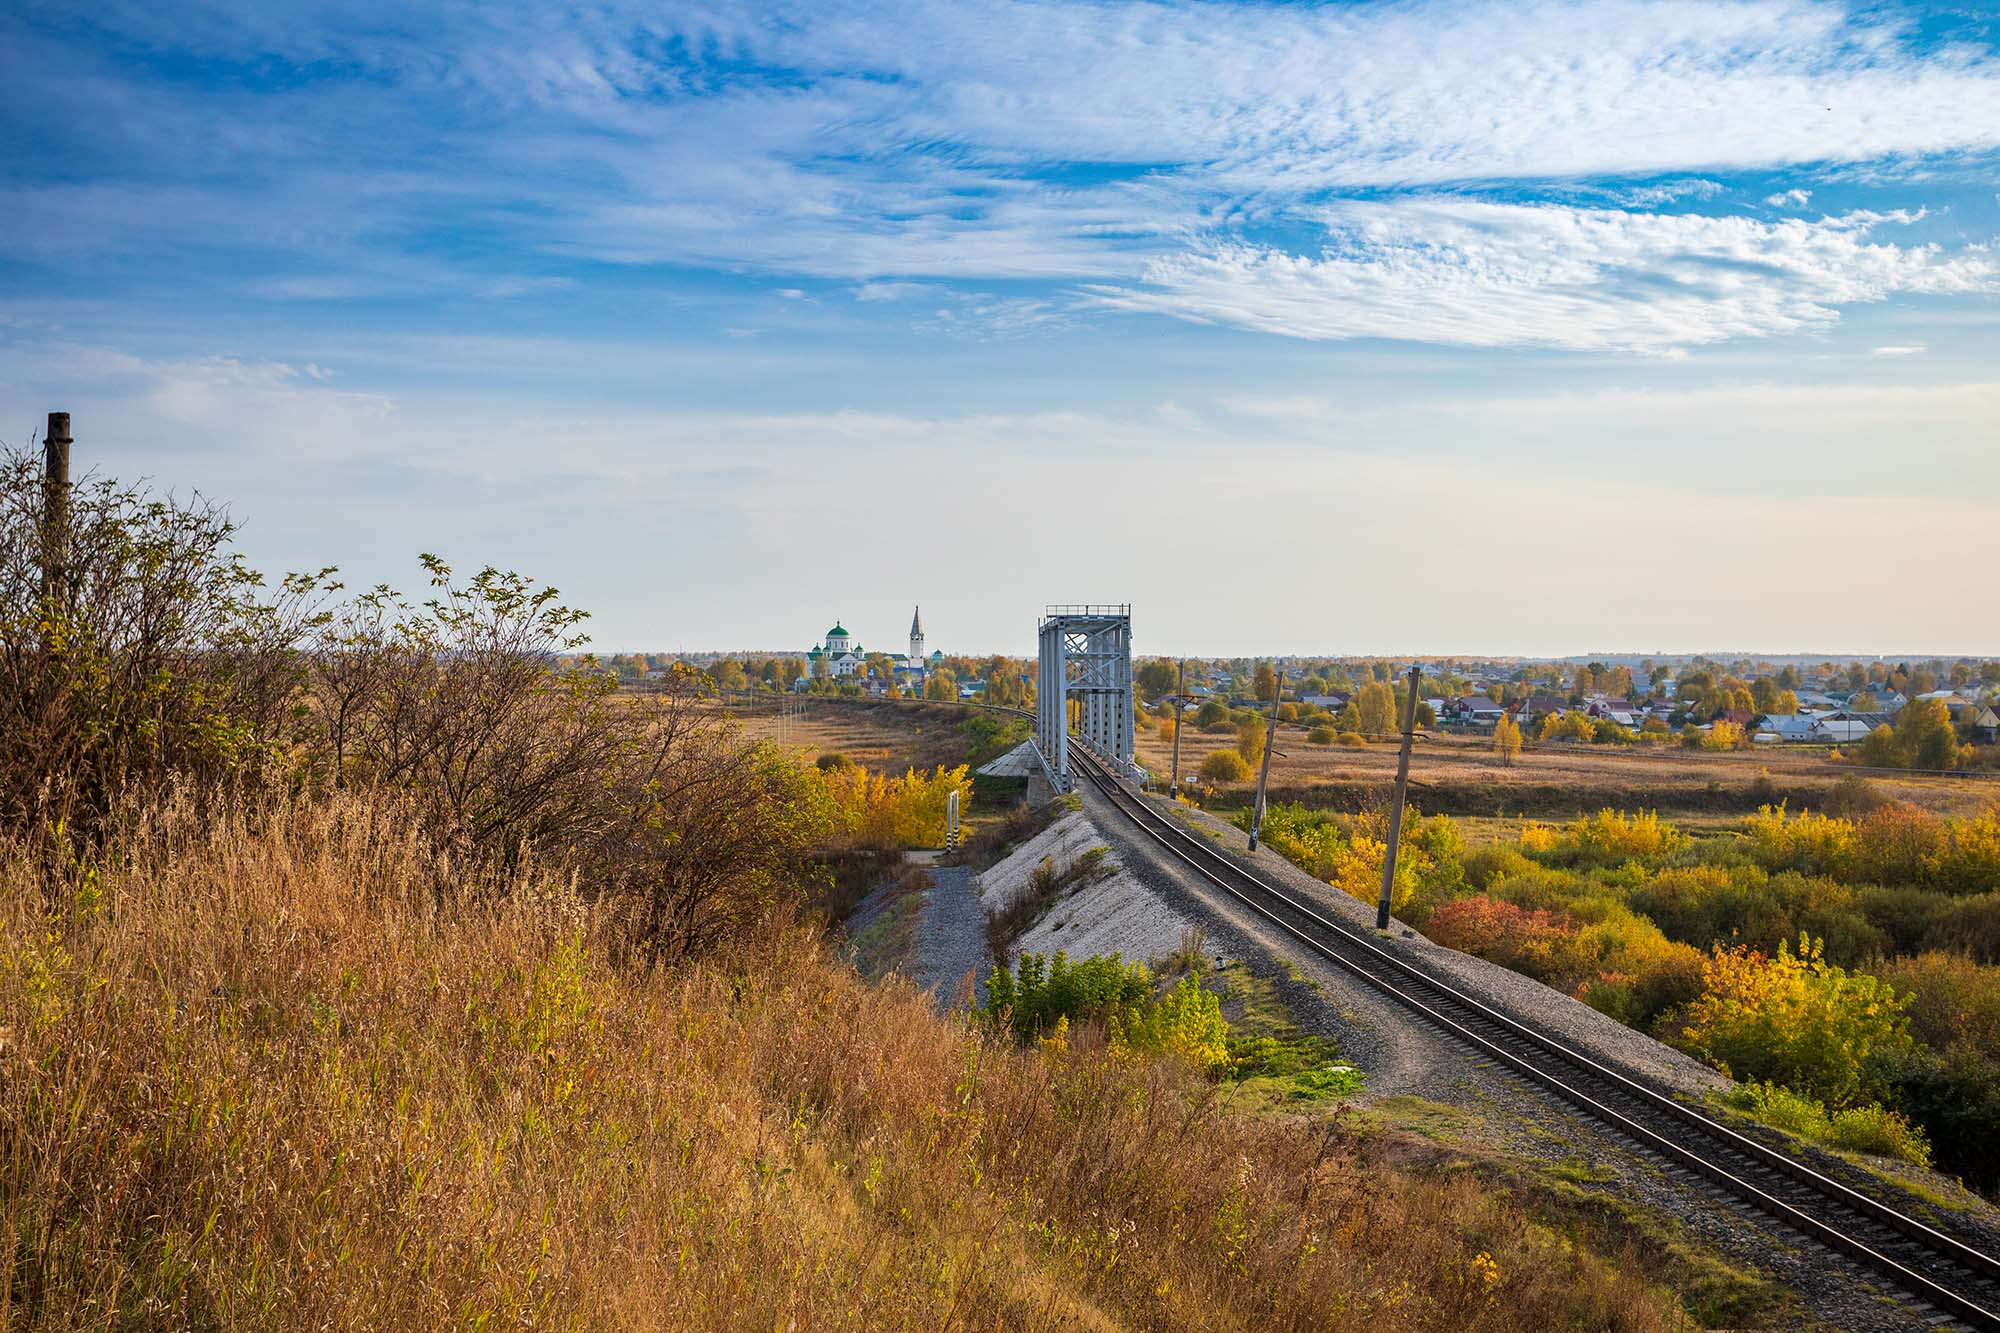 «Стриж», курсирующий через города Серафимовой земли, вернется в расписание с 3 ноября